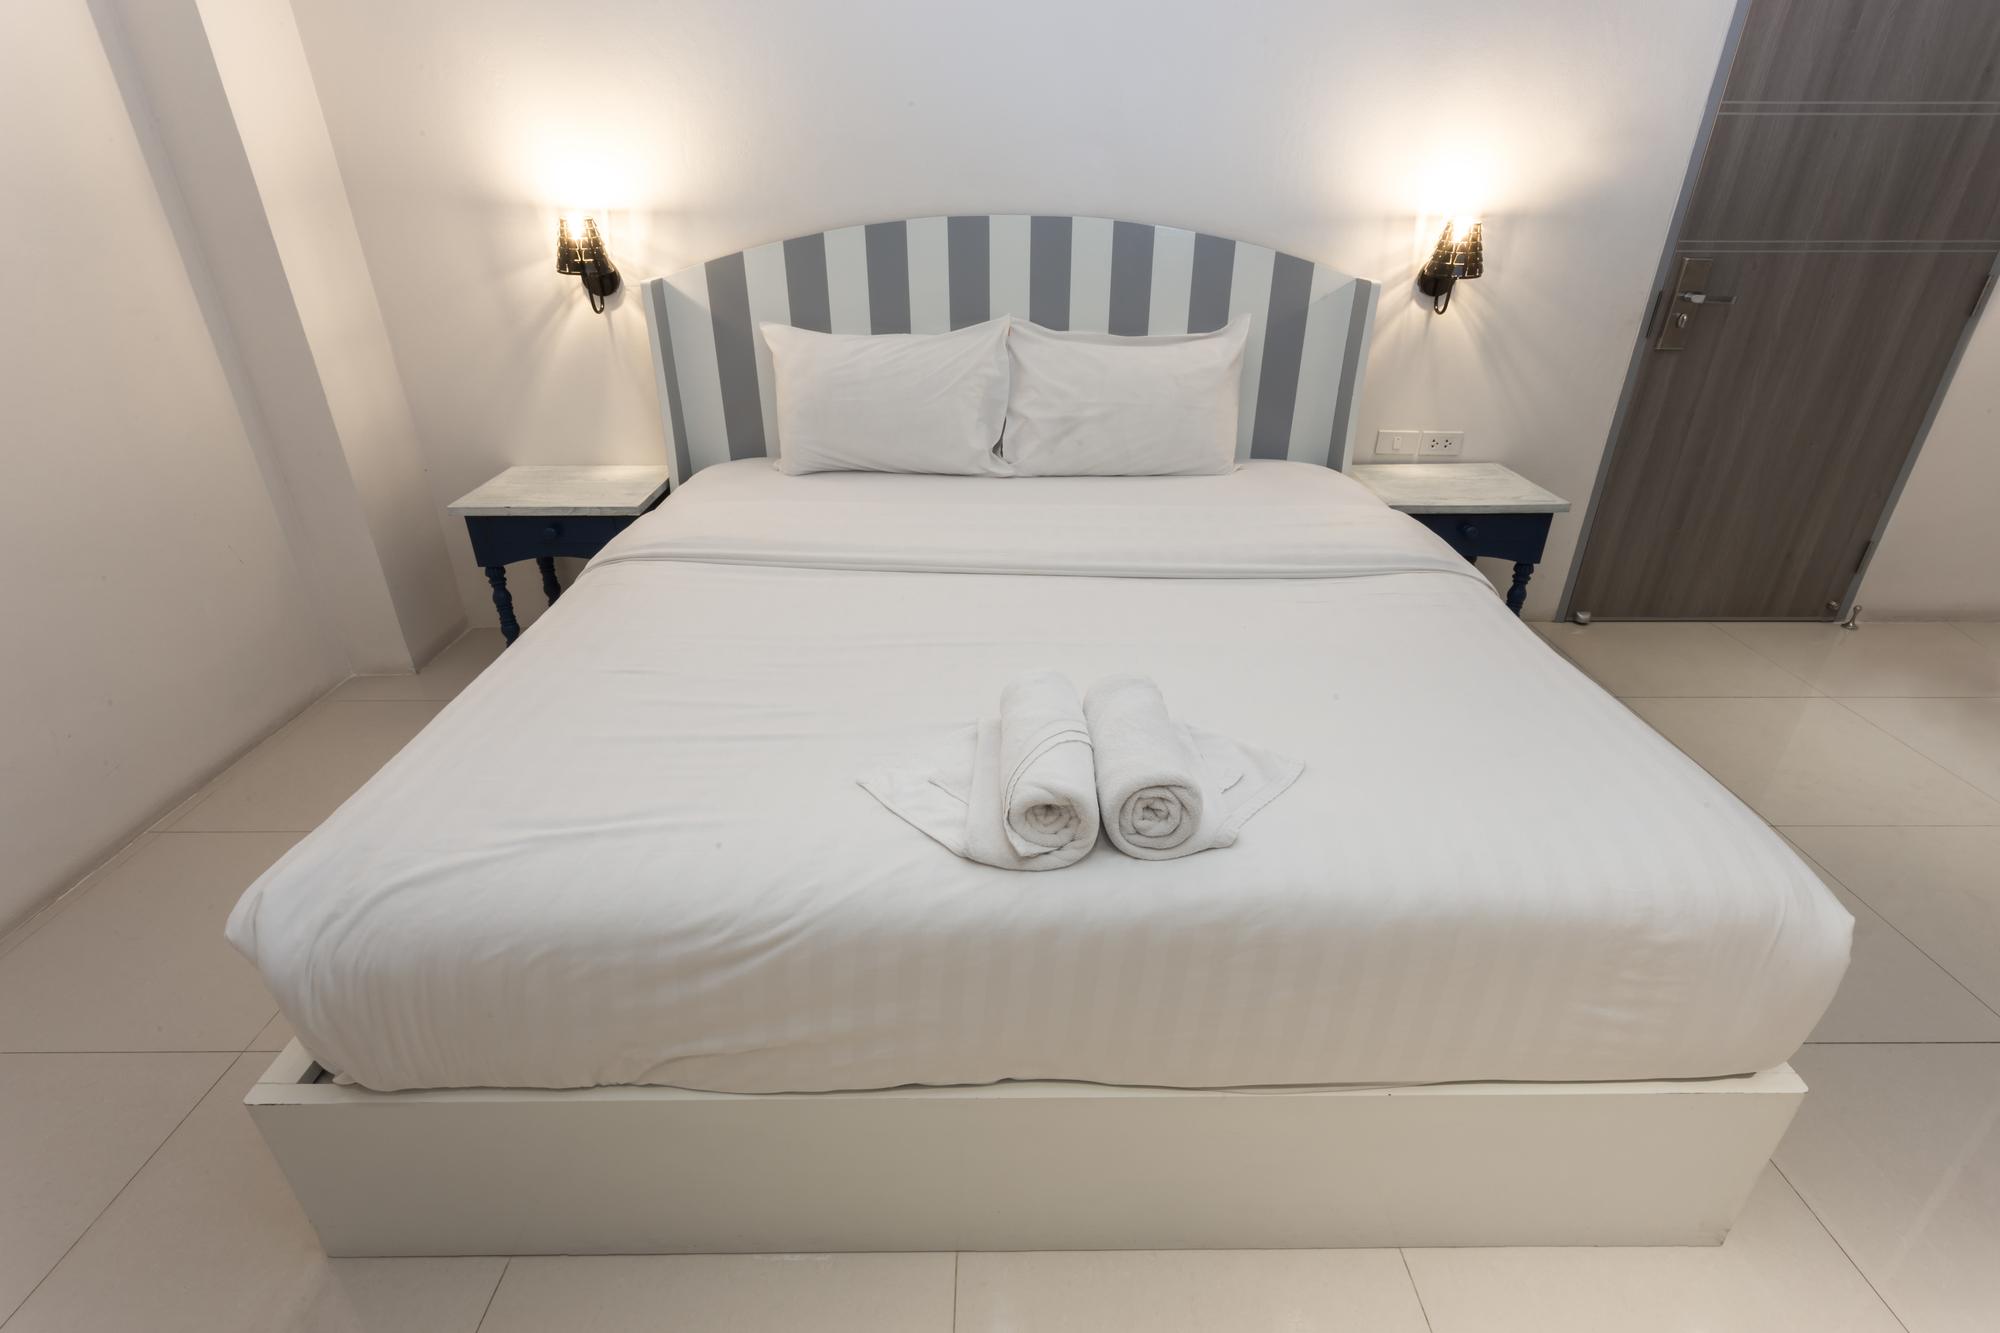 おしゃれなダブルサイズのベッドとマットレス